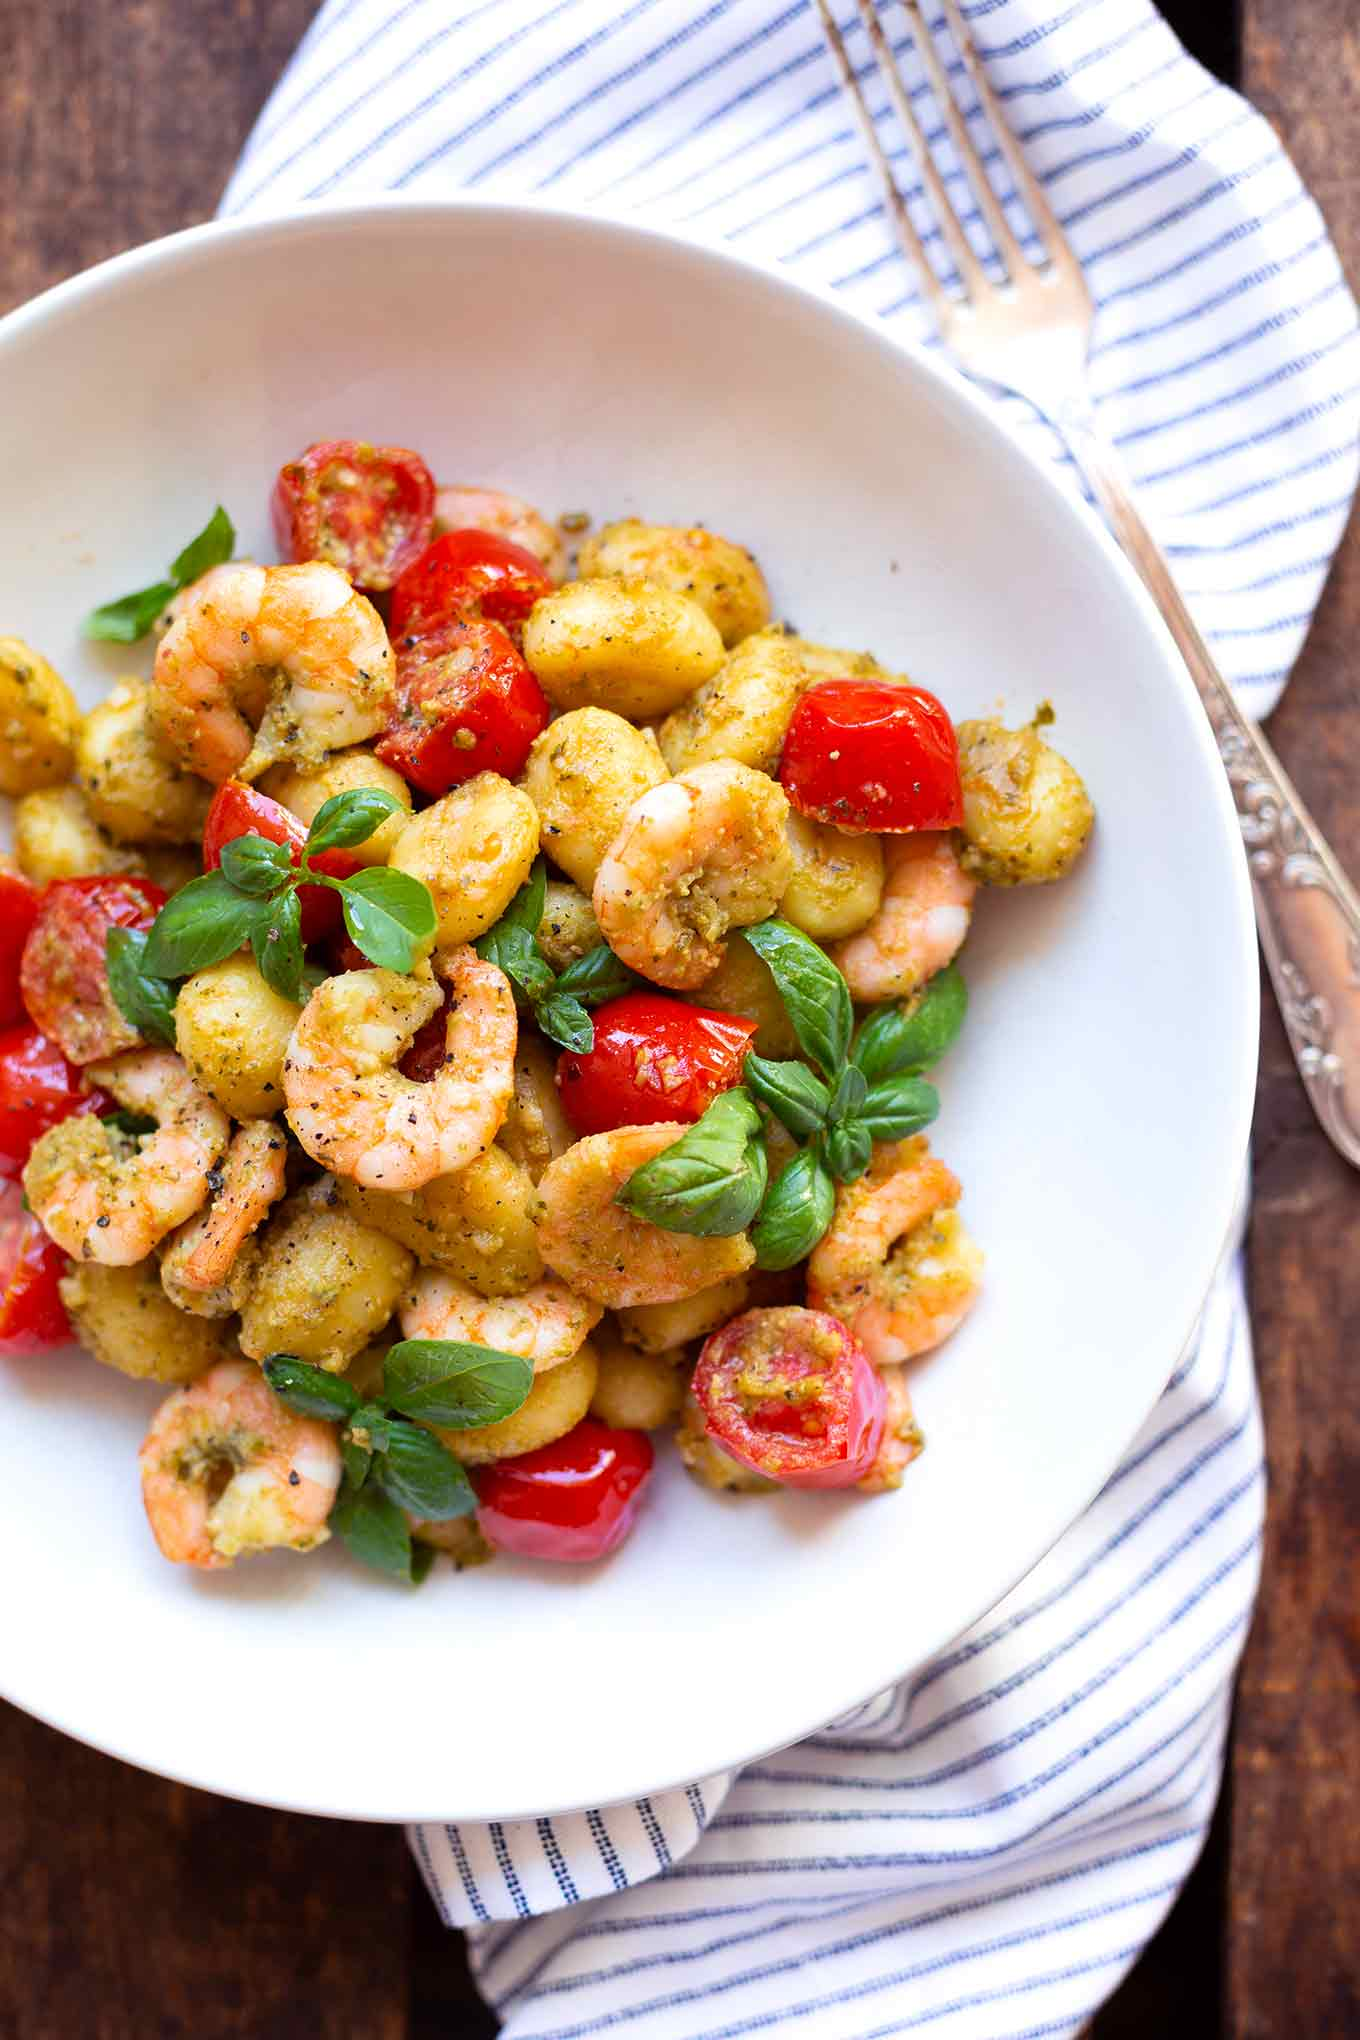 Unglaublich gute Gnocchi mit Pesto-Scampi! Dieses 20-Minuten Rezept ist schnell, einfach und super lecker! - Kochkarussell.com #gnocchi #scampi #rezept #schnellundeinfach